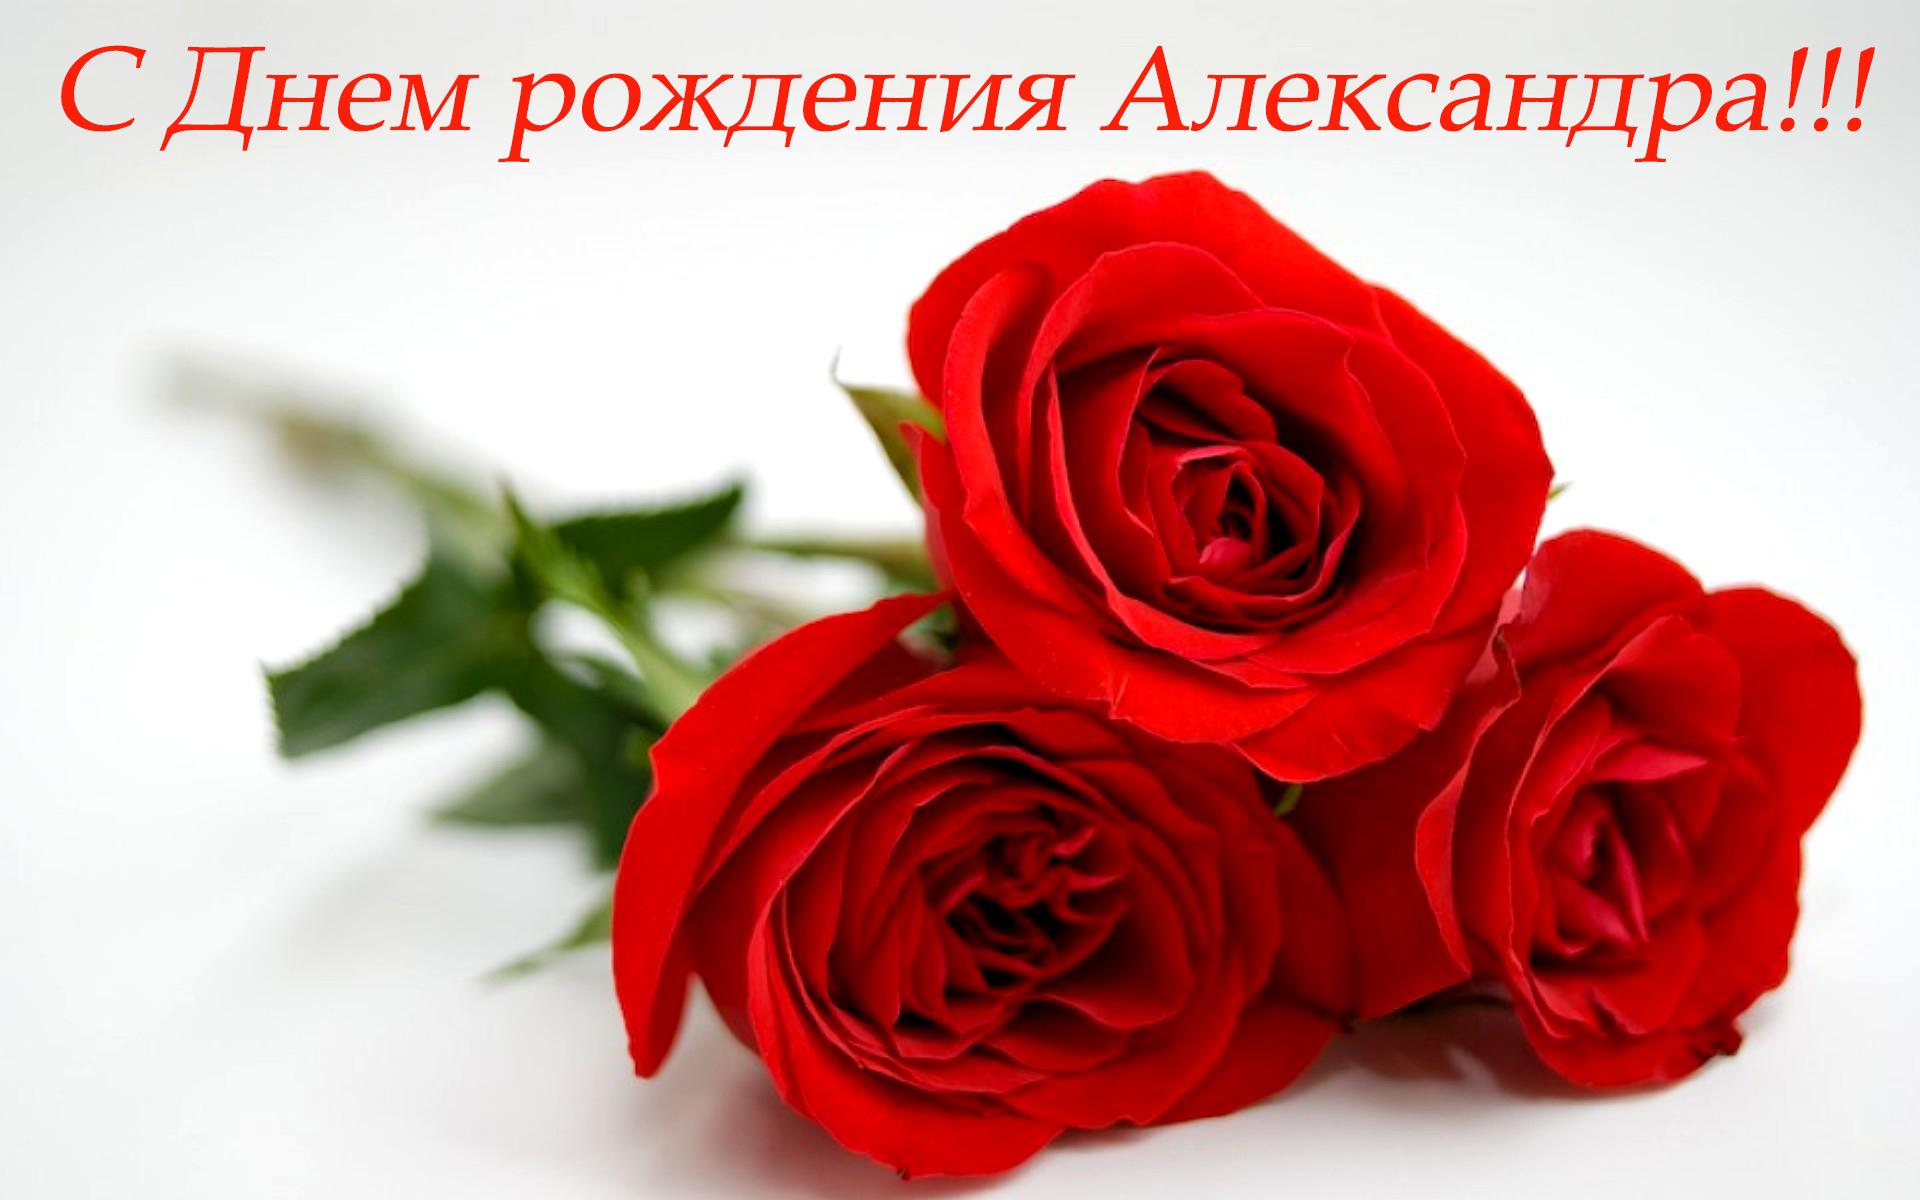 Поздравления с днём рождения для александра прикольные